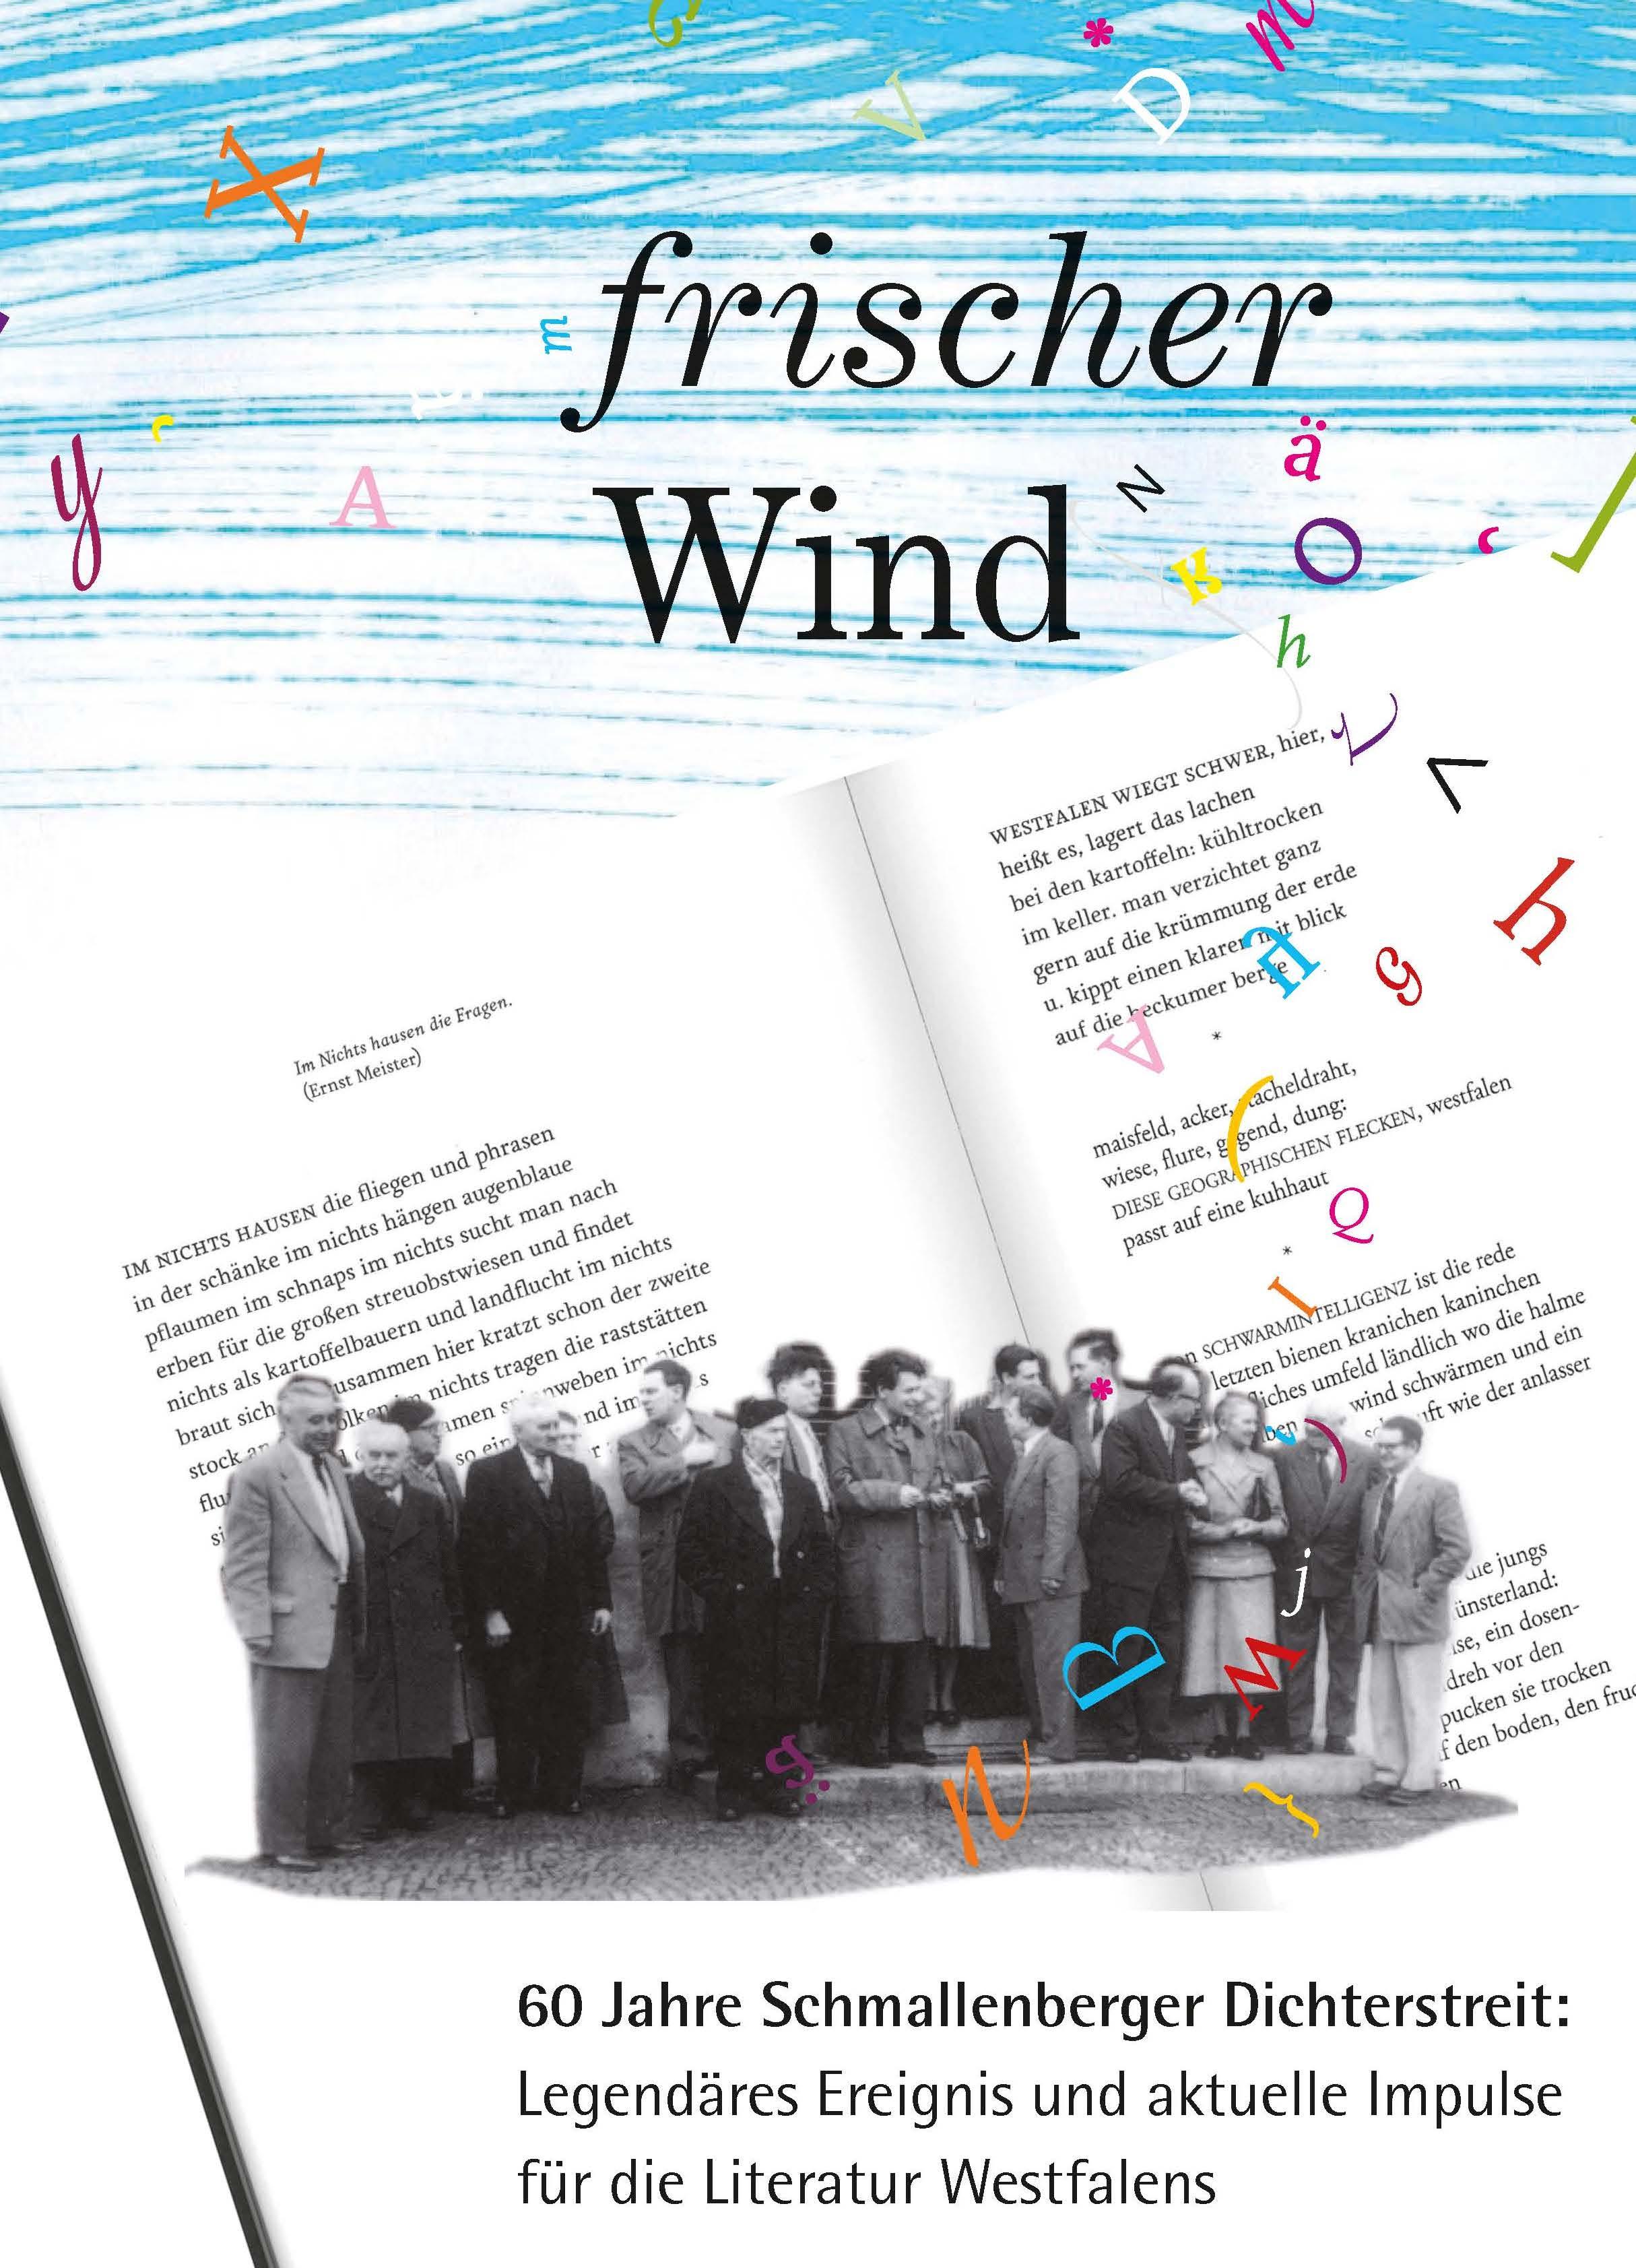 webversion-falzflyer-frischer-wind_seite_1-kopie-2